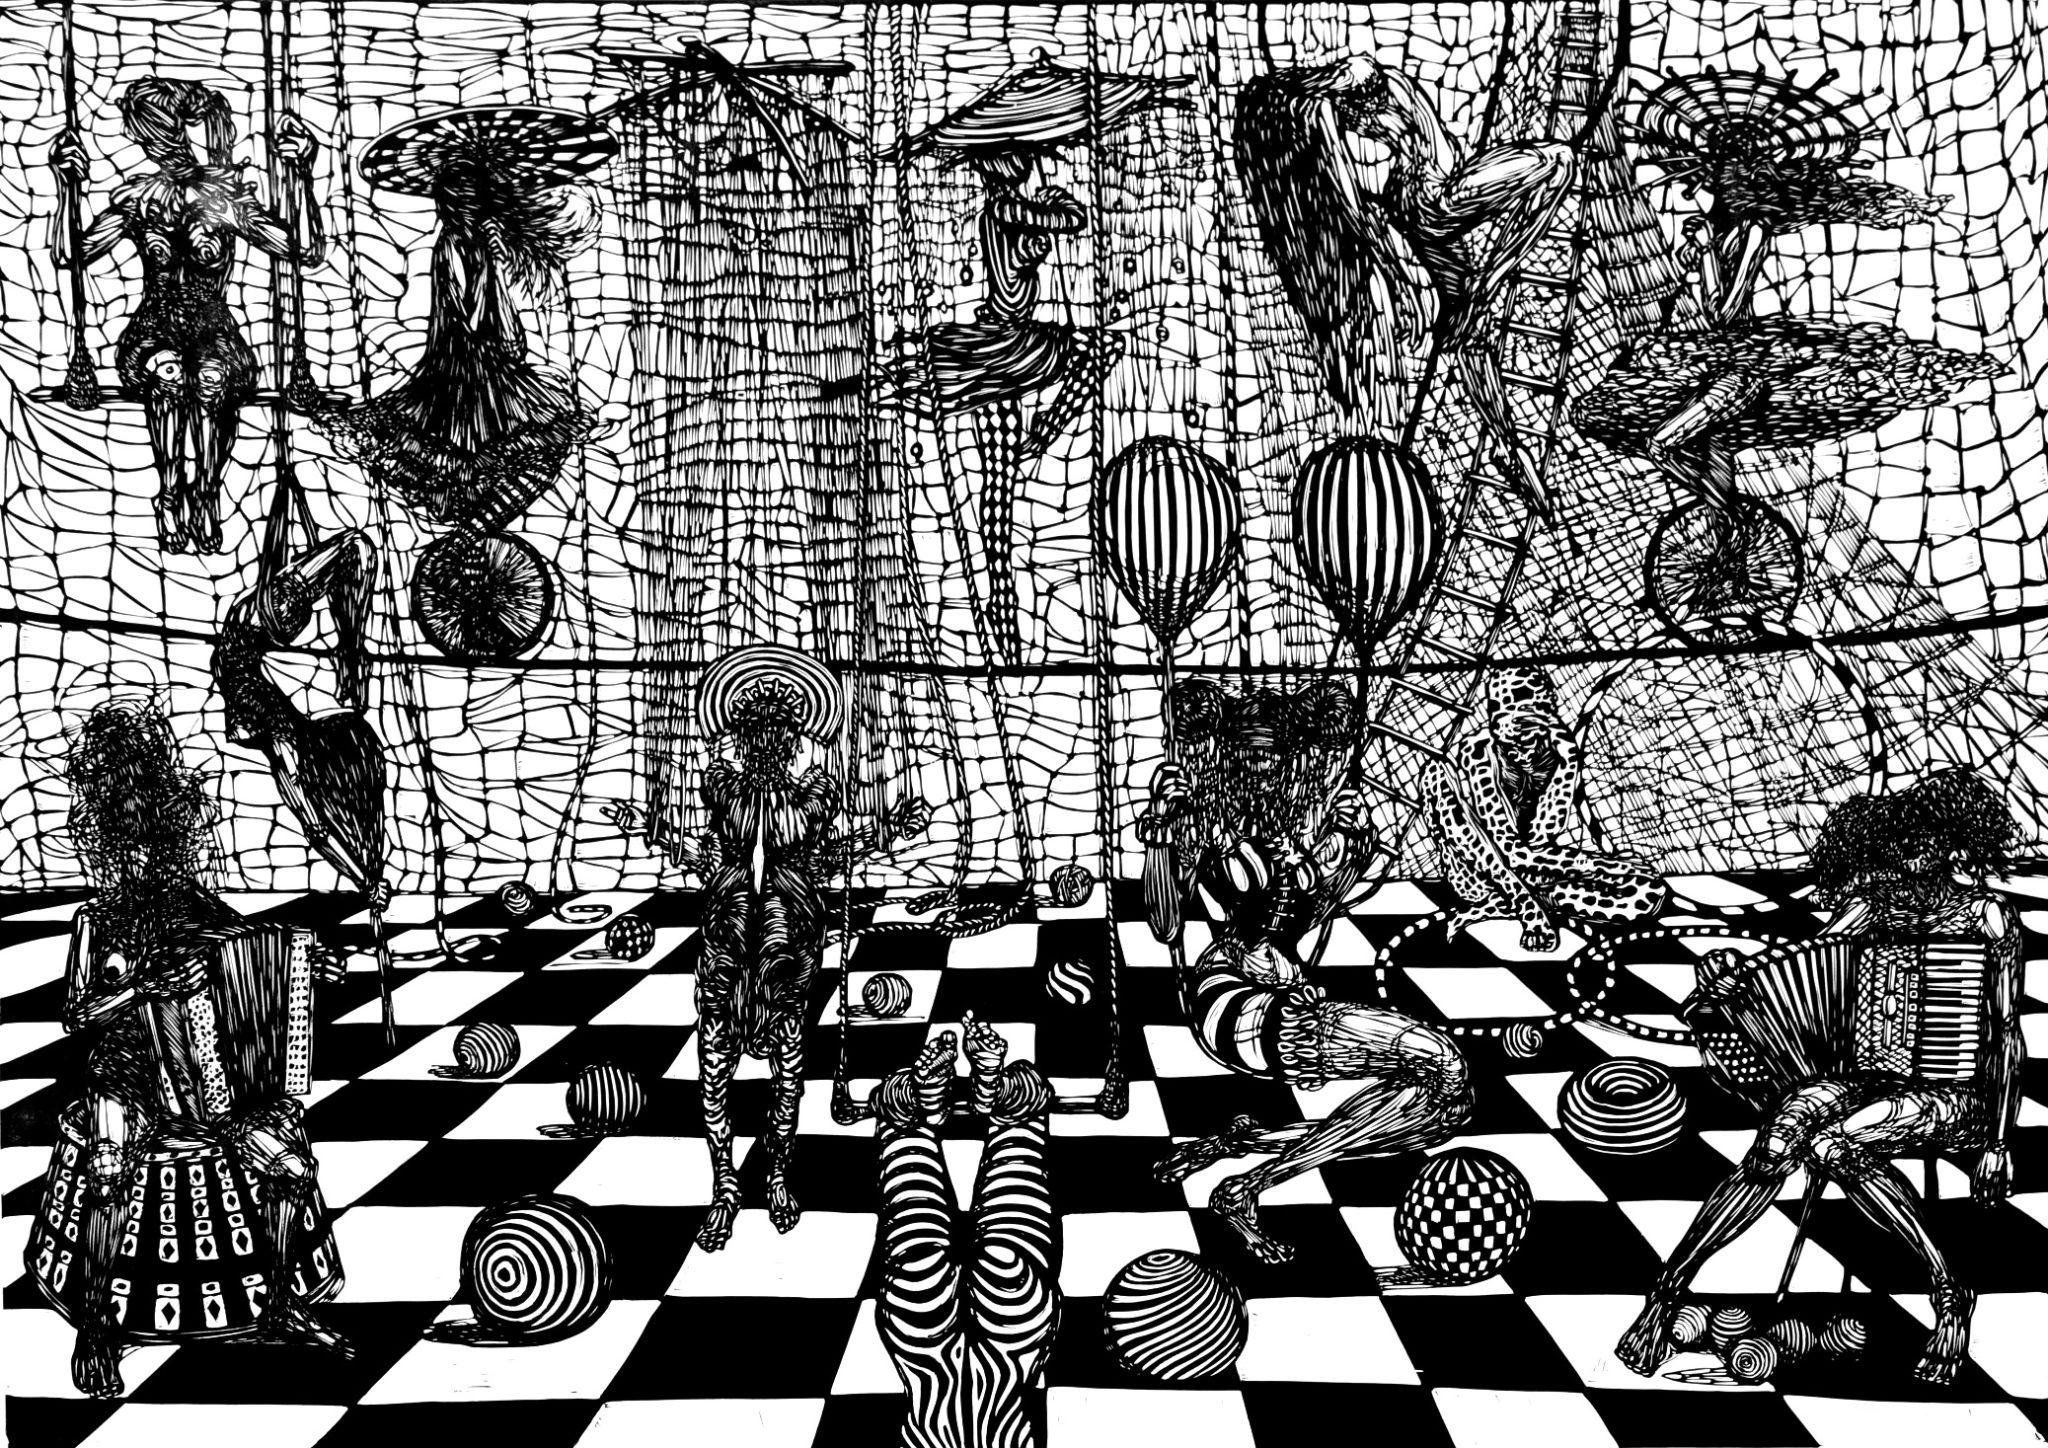 Linoryt Gracje w cyrku o wymiarach 100x70 cm